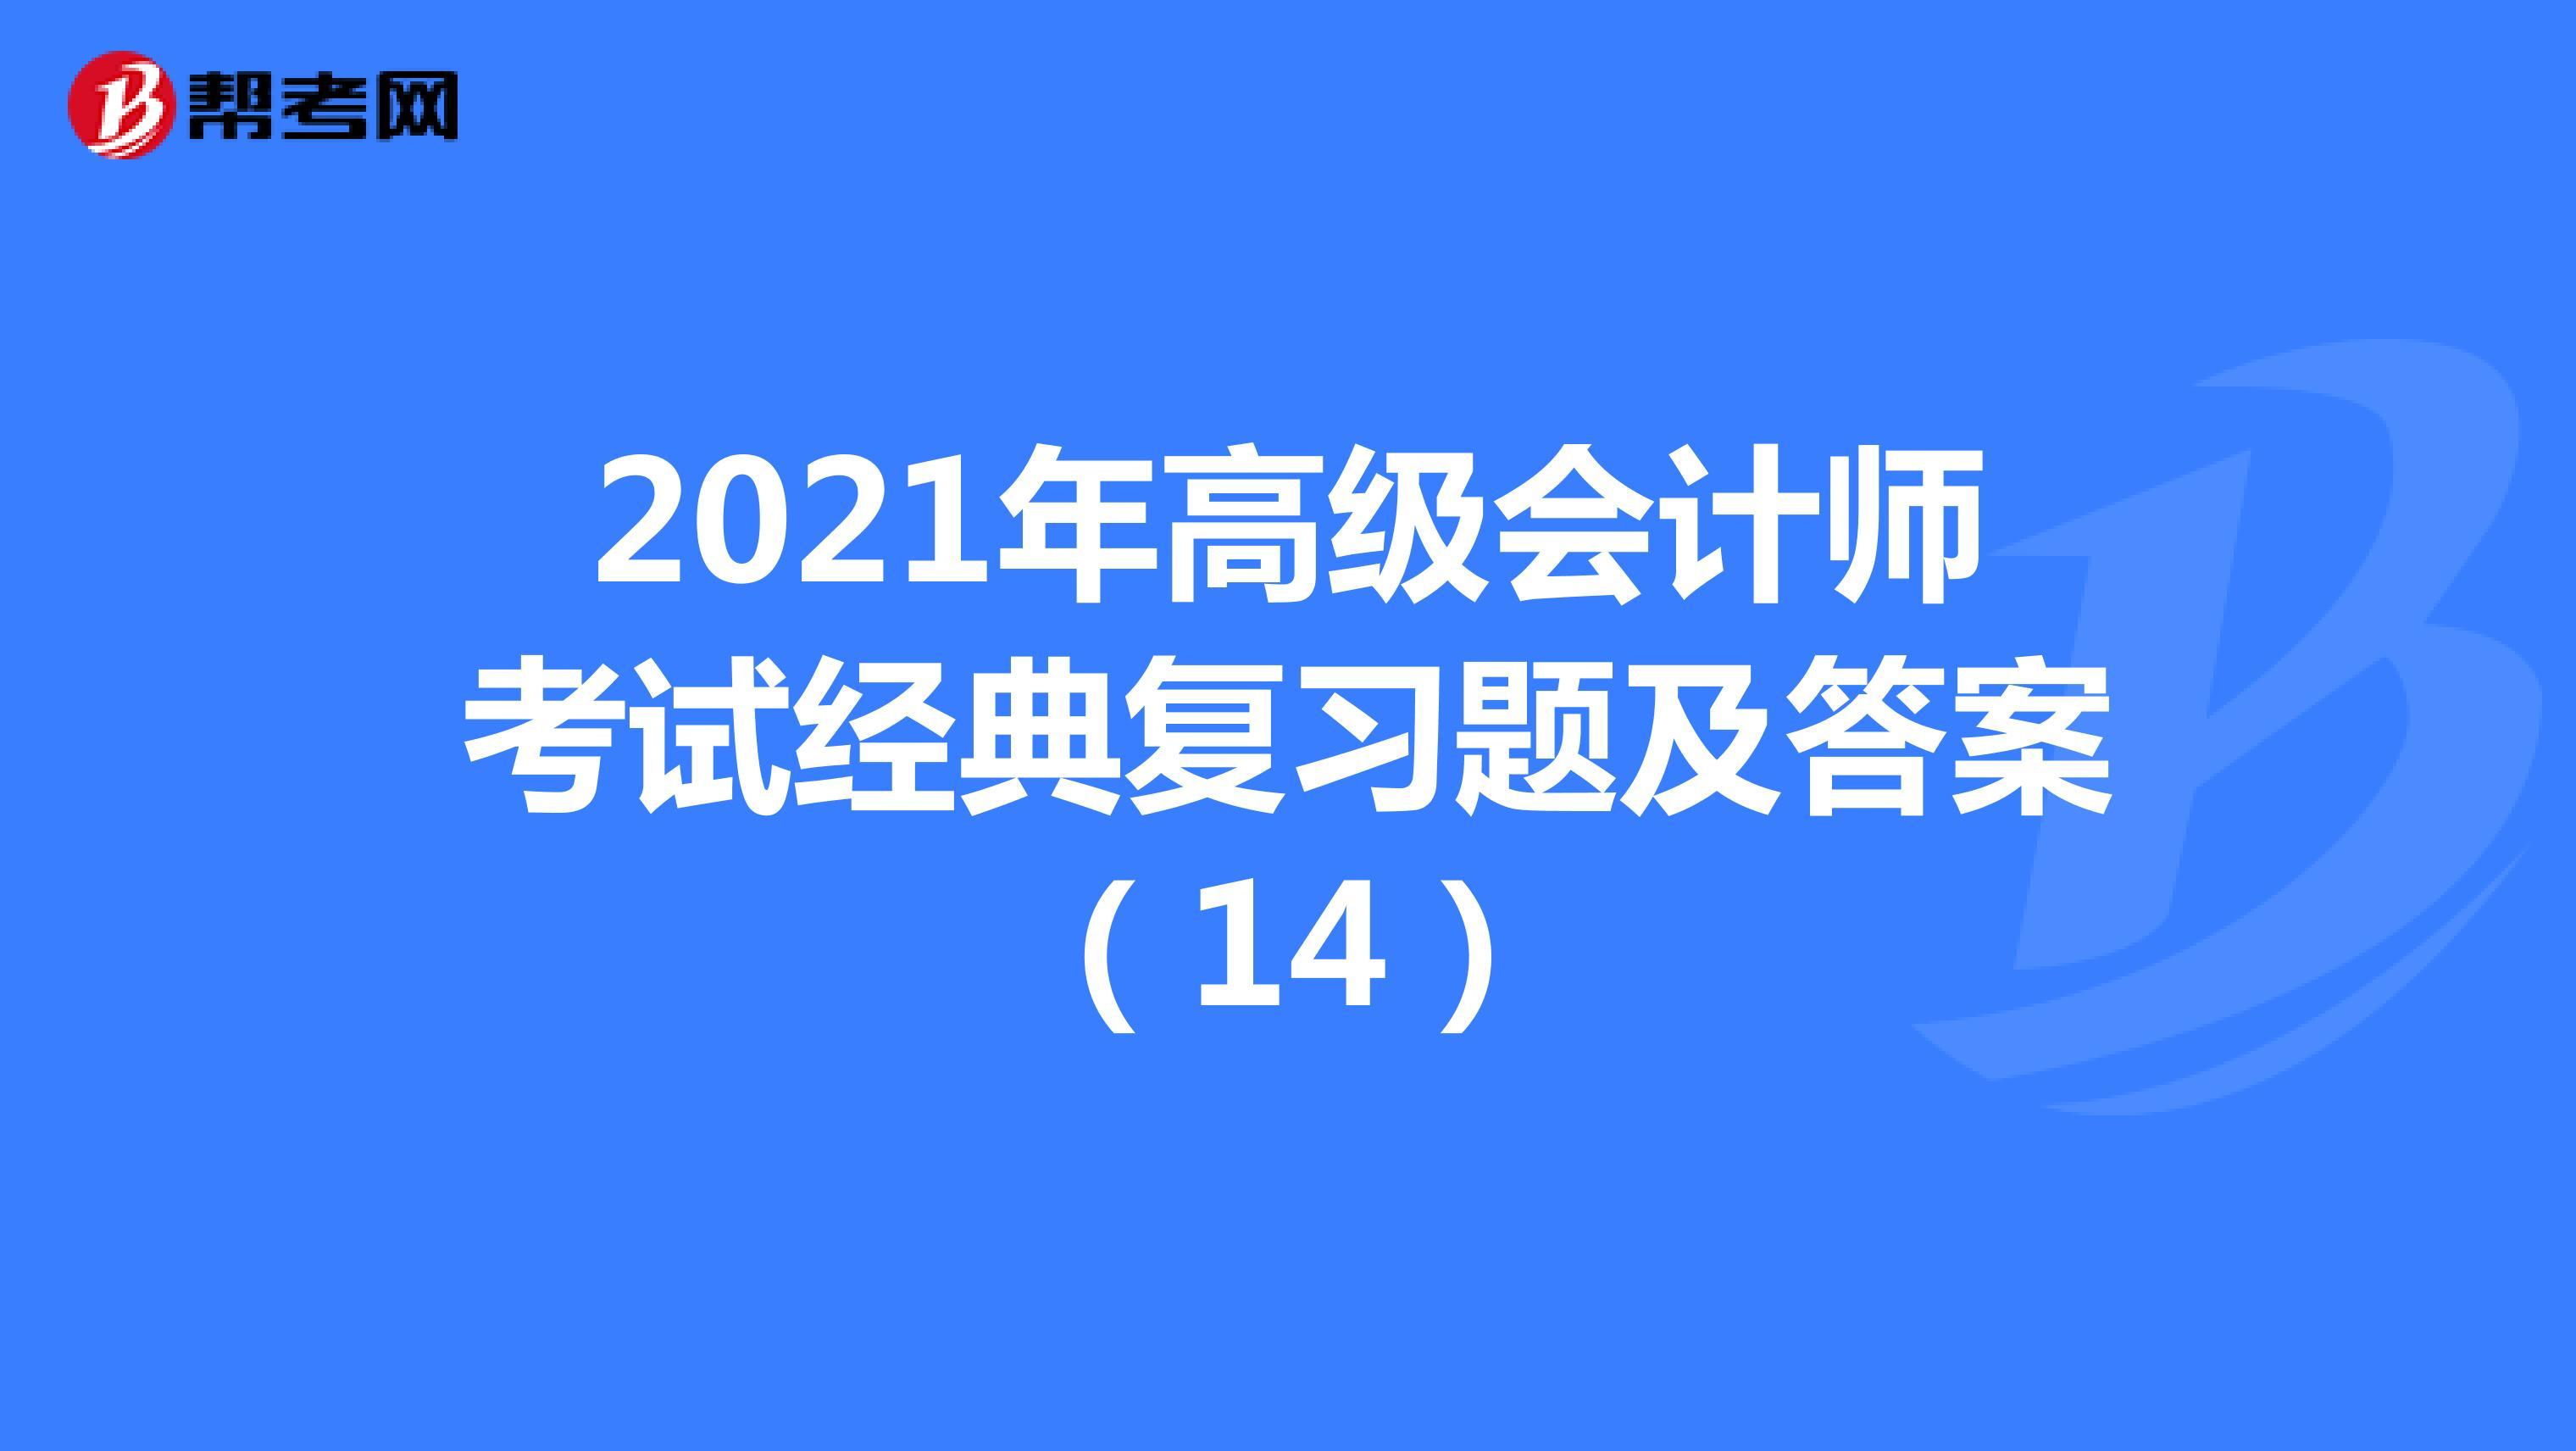 2021年高级会计师考试经典复习题及答案(14)